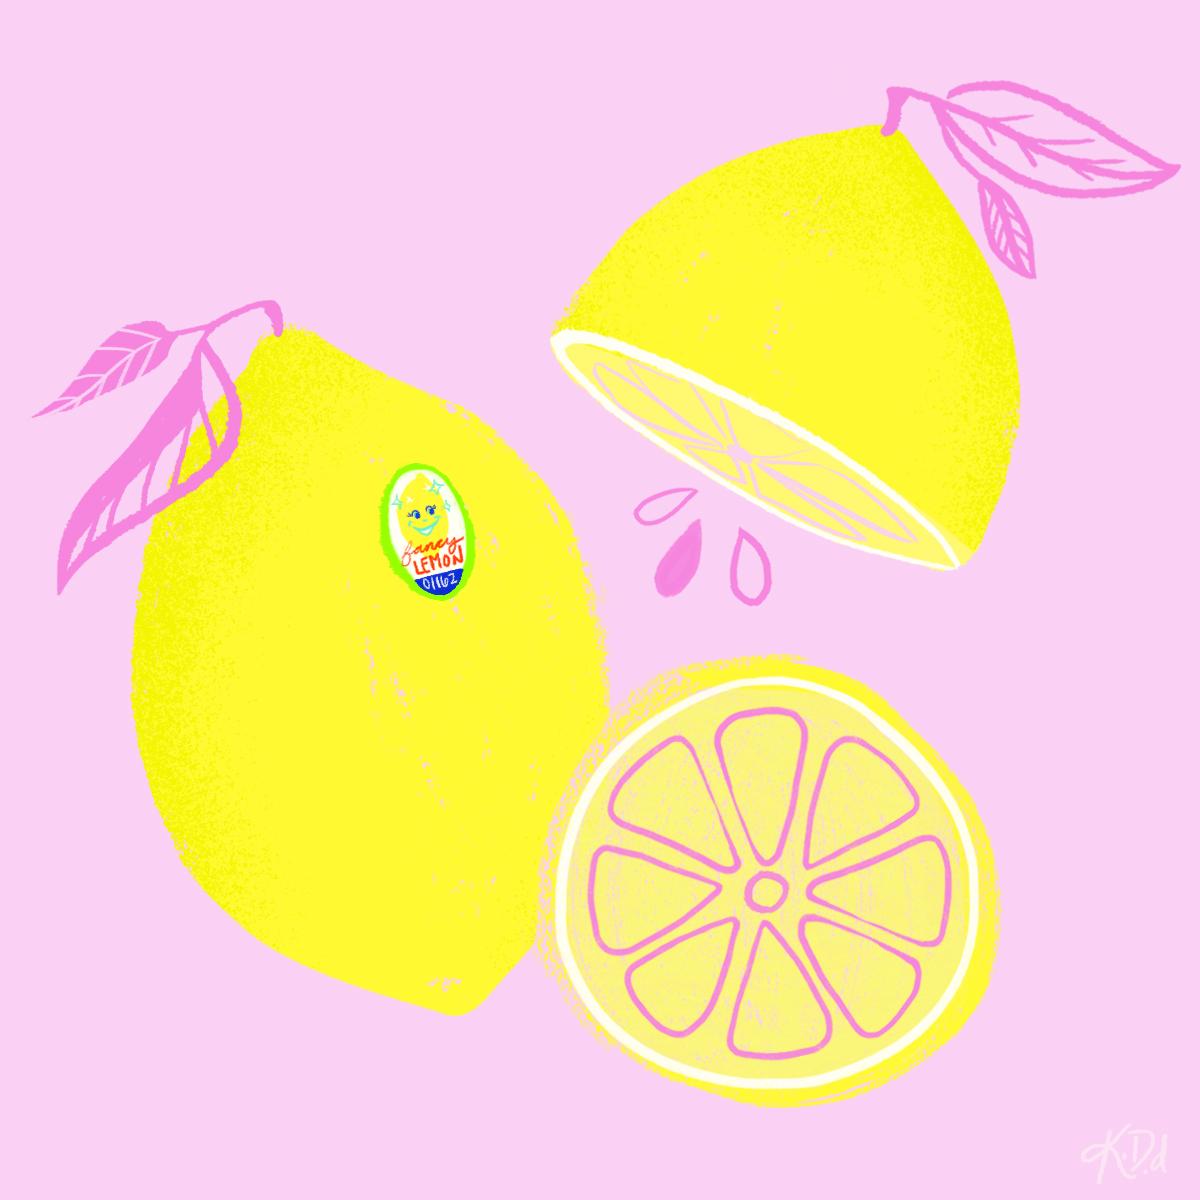 lemons_IG.jpg